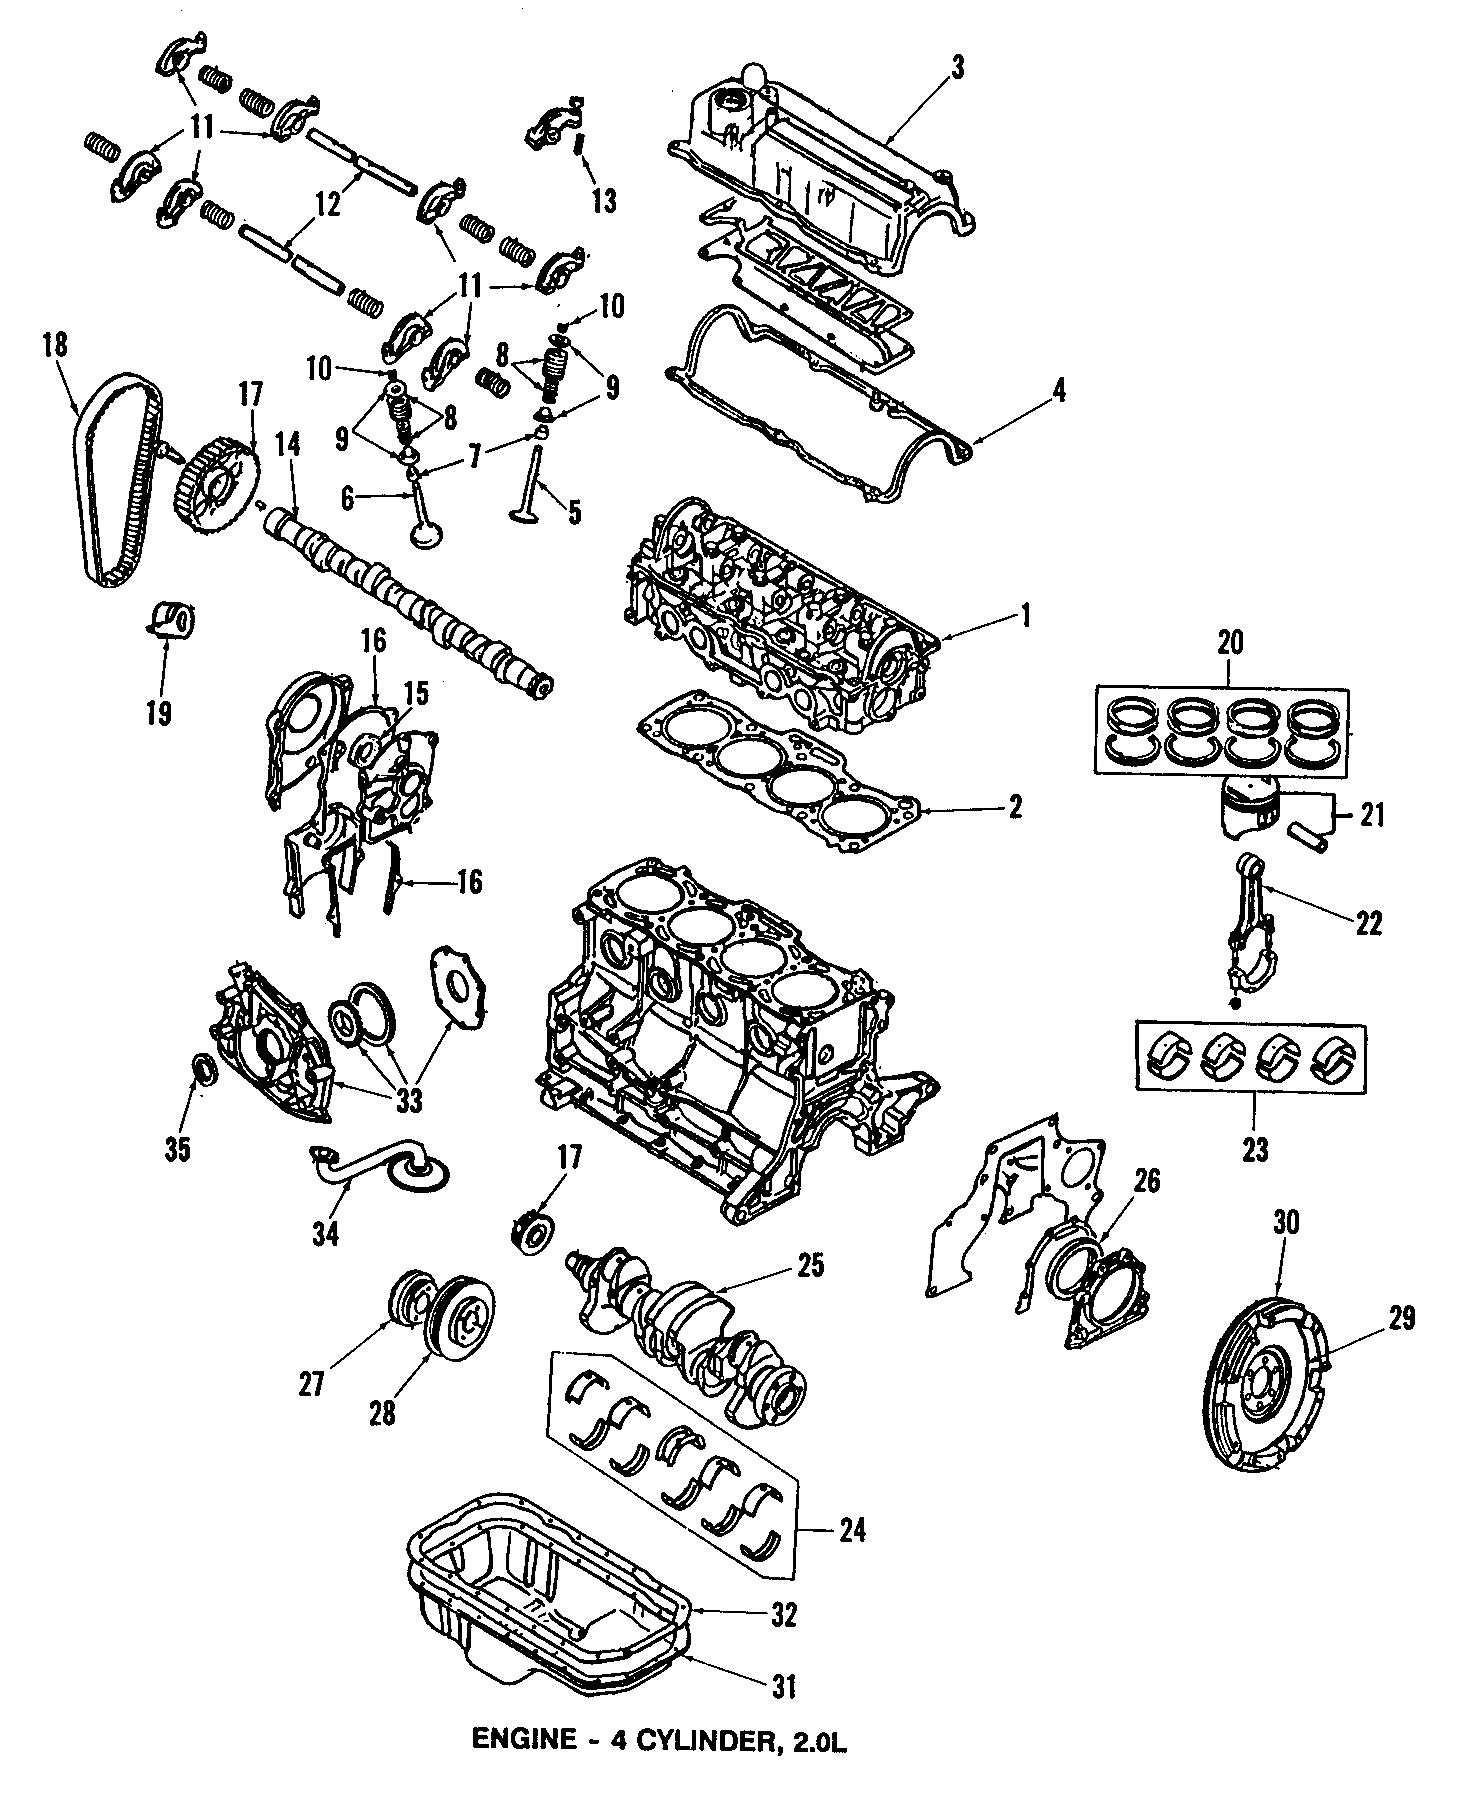 1987 Mazda Engine Timing Crankshaft Sprocket  Crankshaft  Pulley  Gear  T  Belt